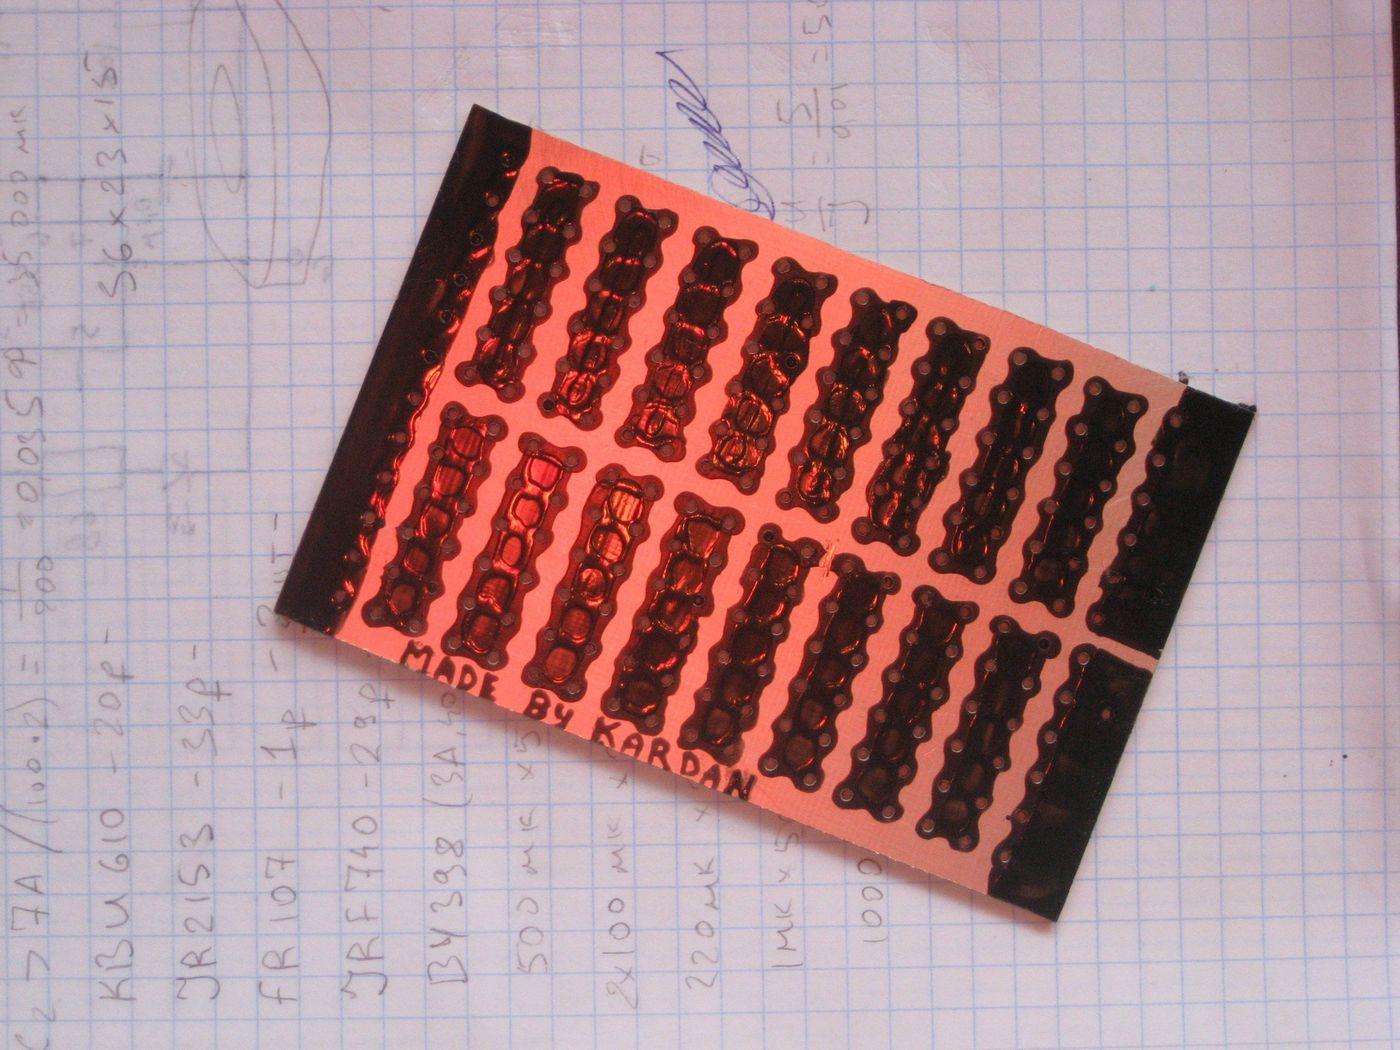 Солнечная батарея из транзисторов Каталог самоделок 77